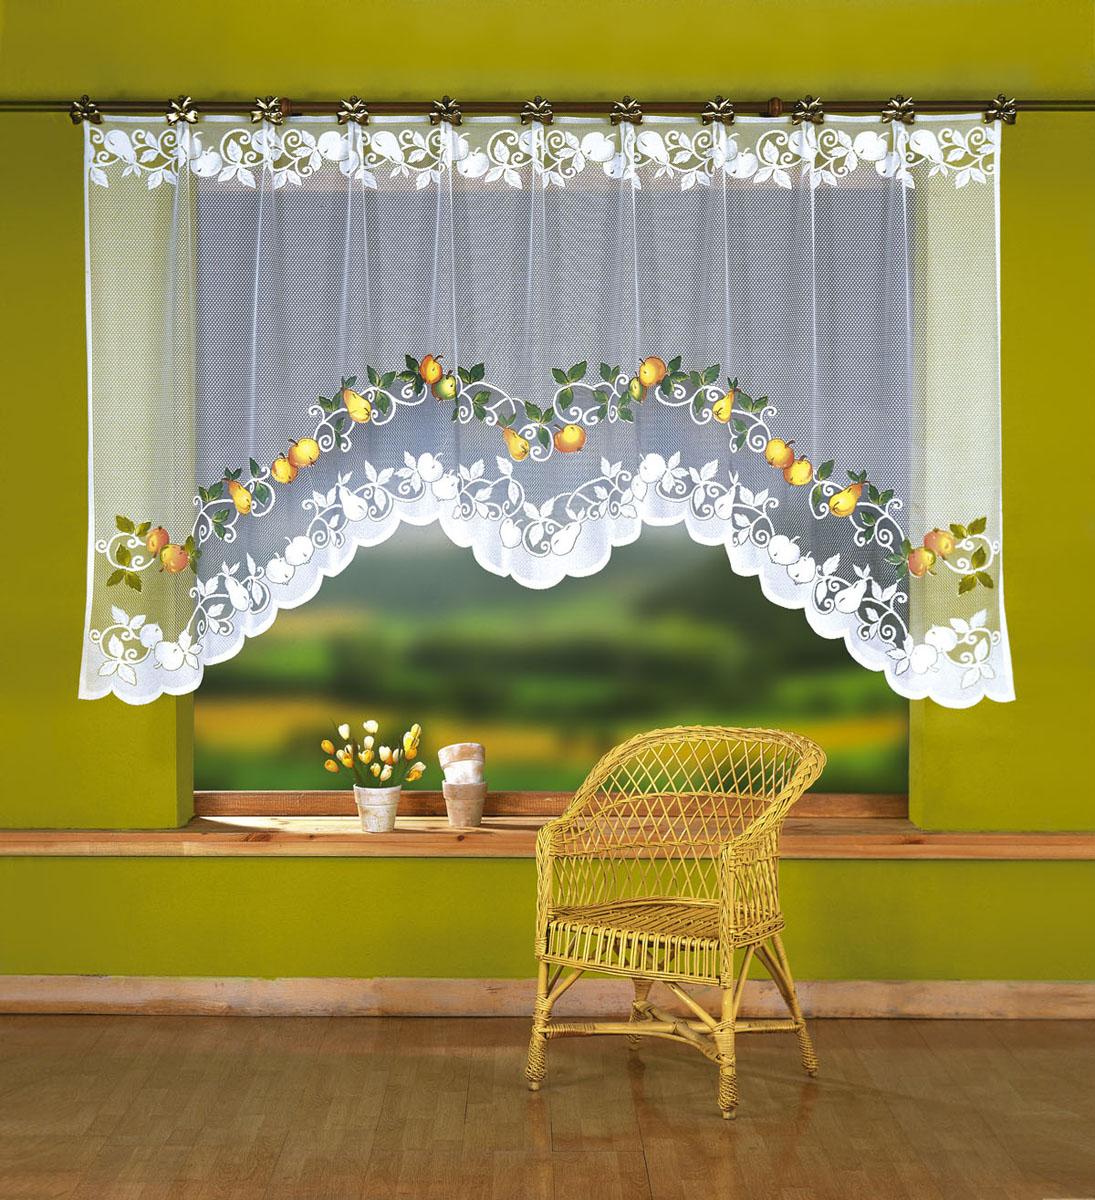 Штора для кухни Wisan, на ленте, цвет: белый, желтый, зеленый, высота 150 см. 23472347Штора-арка Wisan, выполненная из легкого полупрозрачного полиэстера белого цвета, станет великолепным украшением кухонного окна. Изделие имеет ассиметричную длину и красивый орнамент в виде яблок и груш. Качественный материал и оригинальный дизайн привлекут к себе внимание и позволят шторе органично вписаться в интерьер помещения. Штора оснащена шторной лентой под зажимы для крепления на карниз.